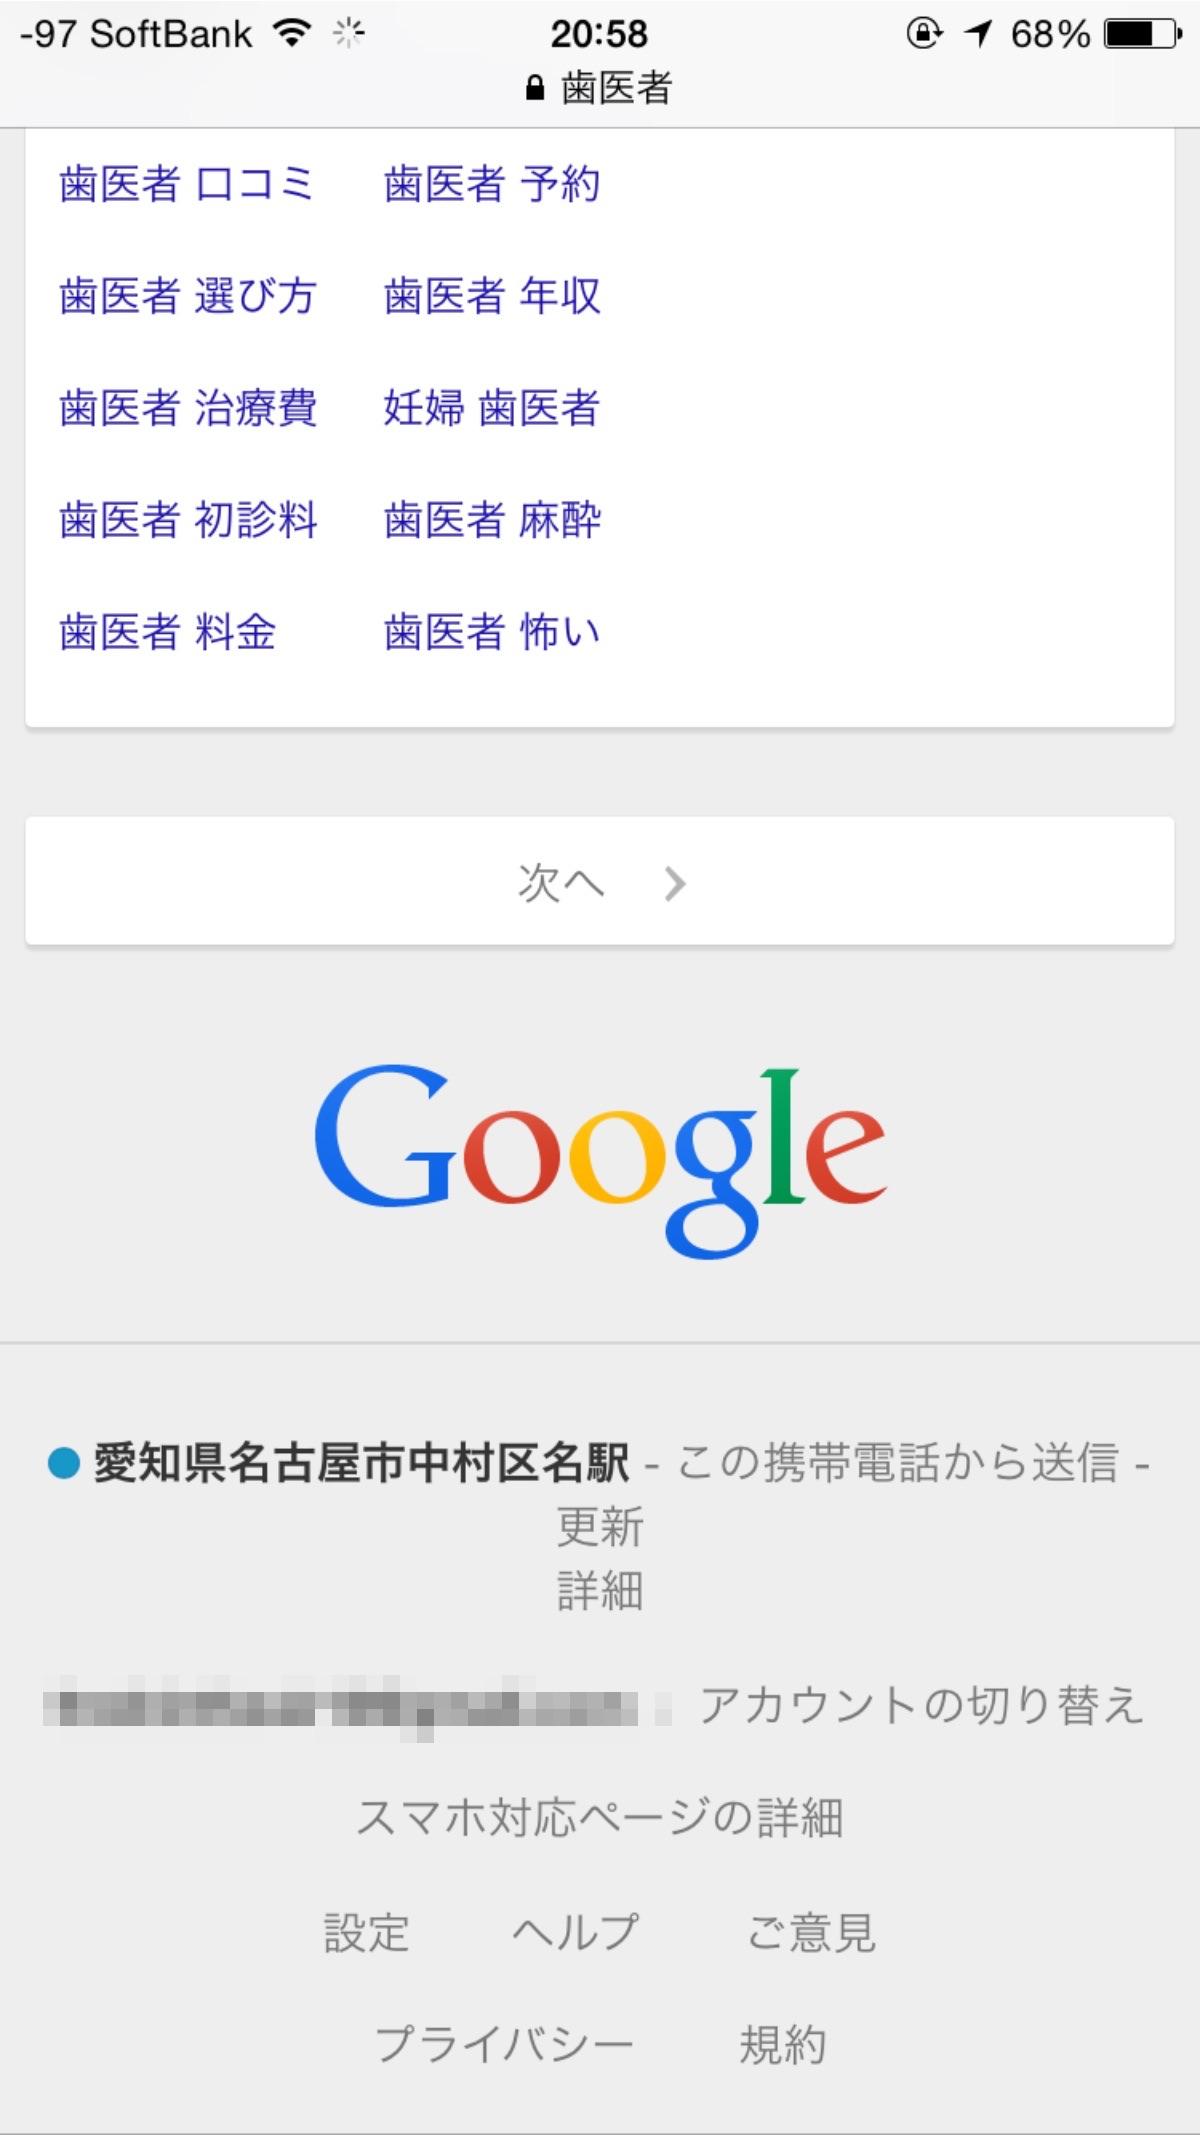 地域検索結果